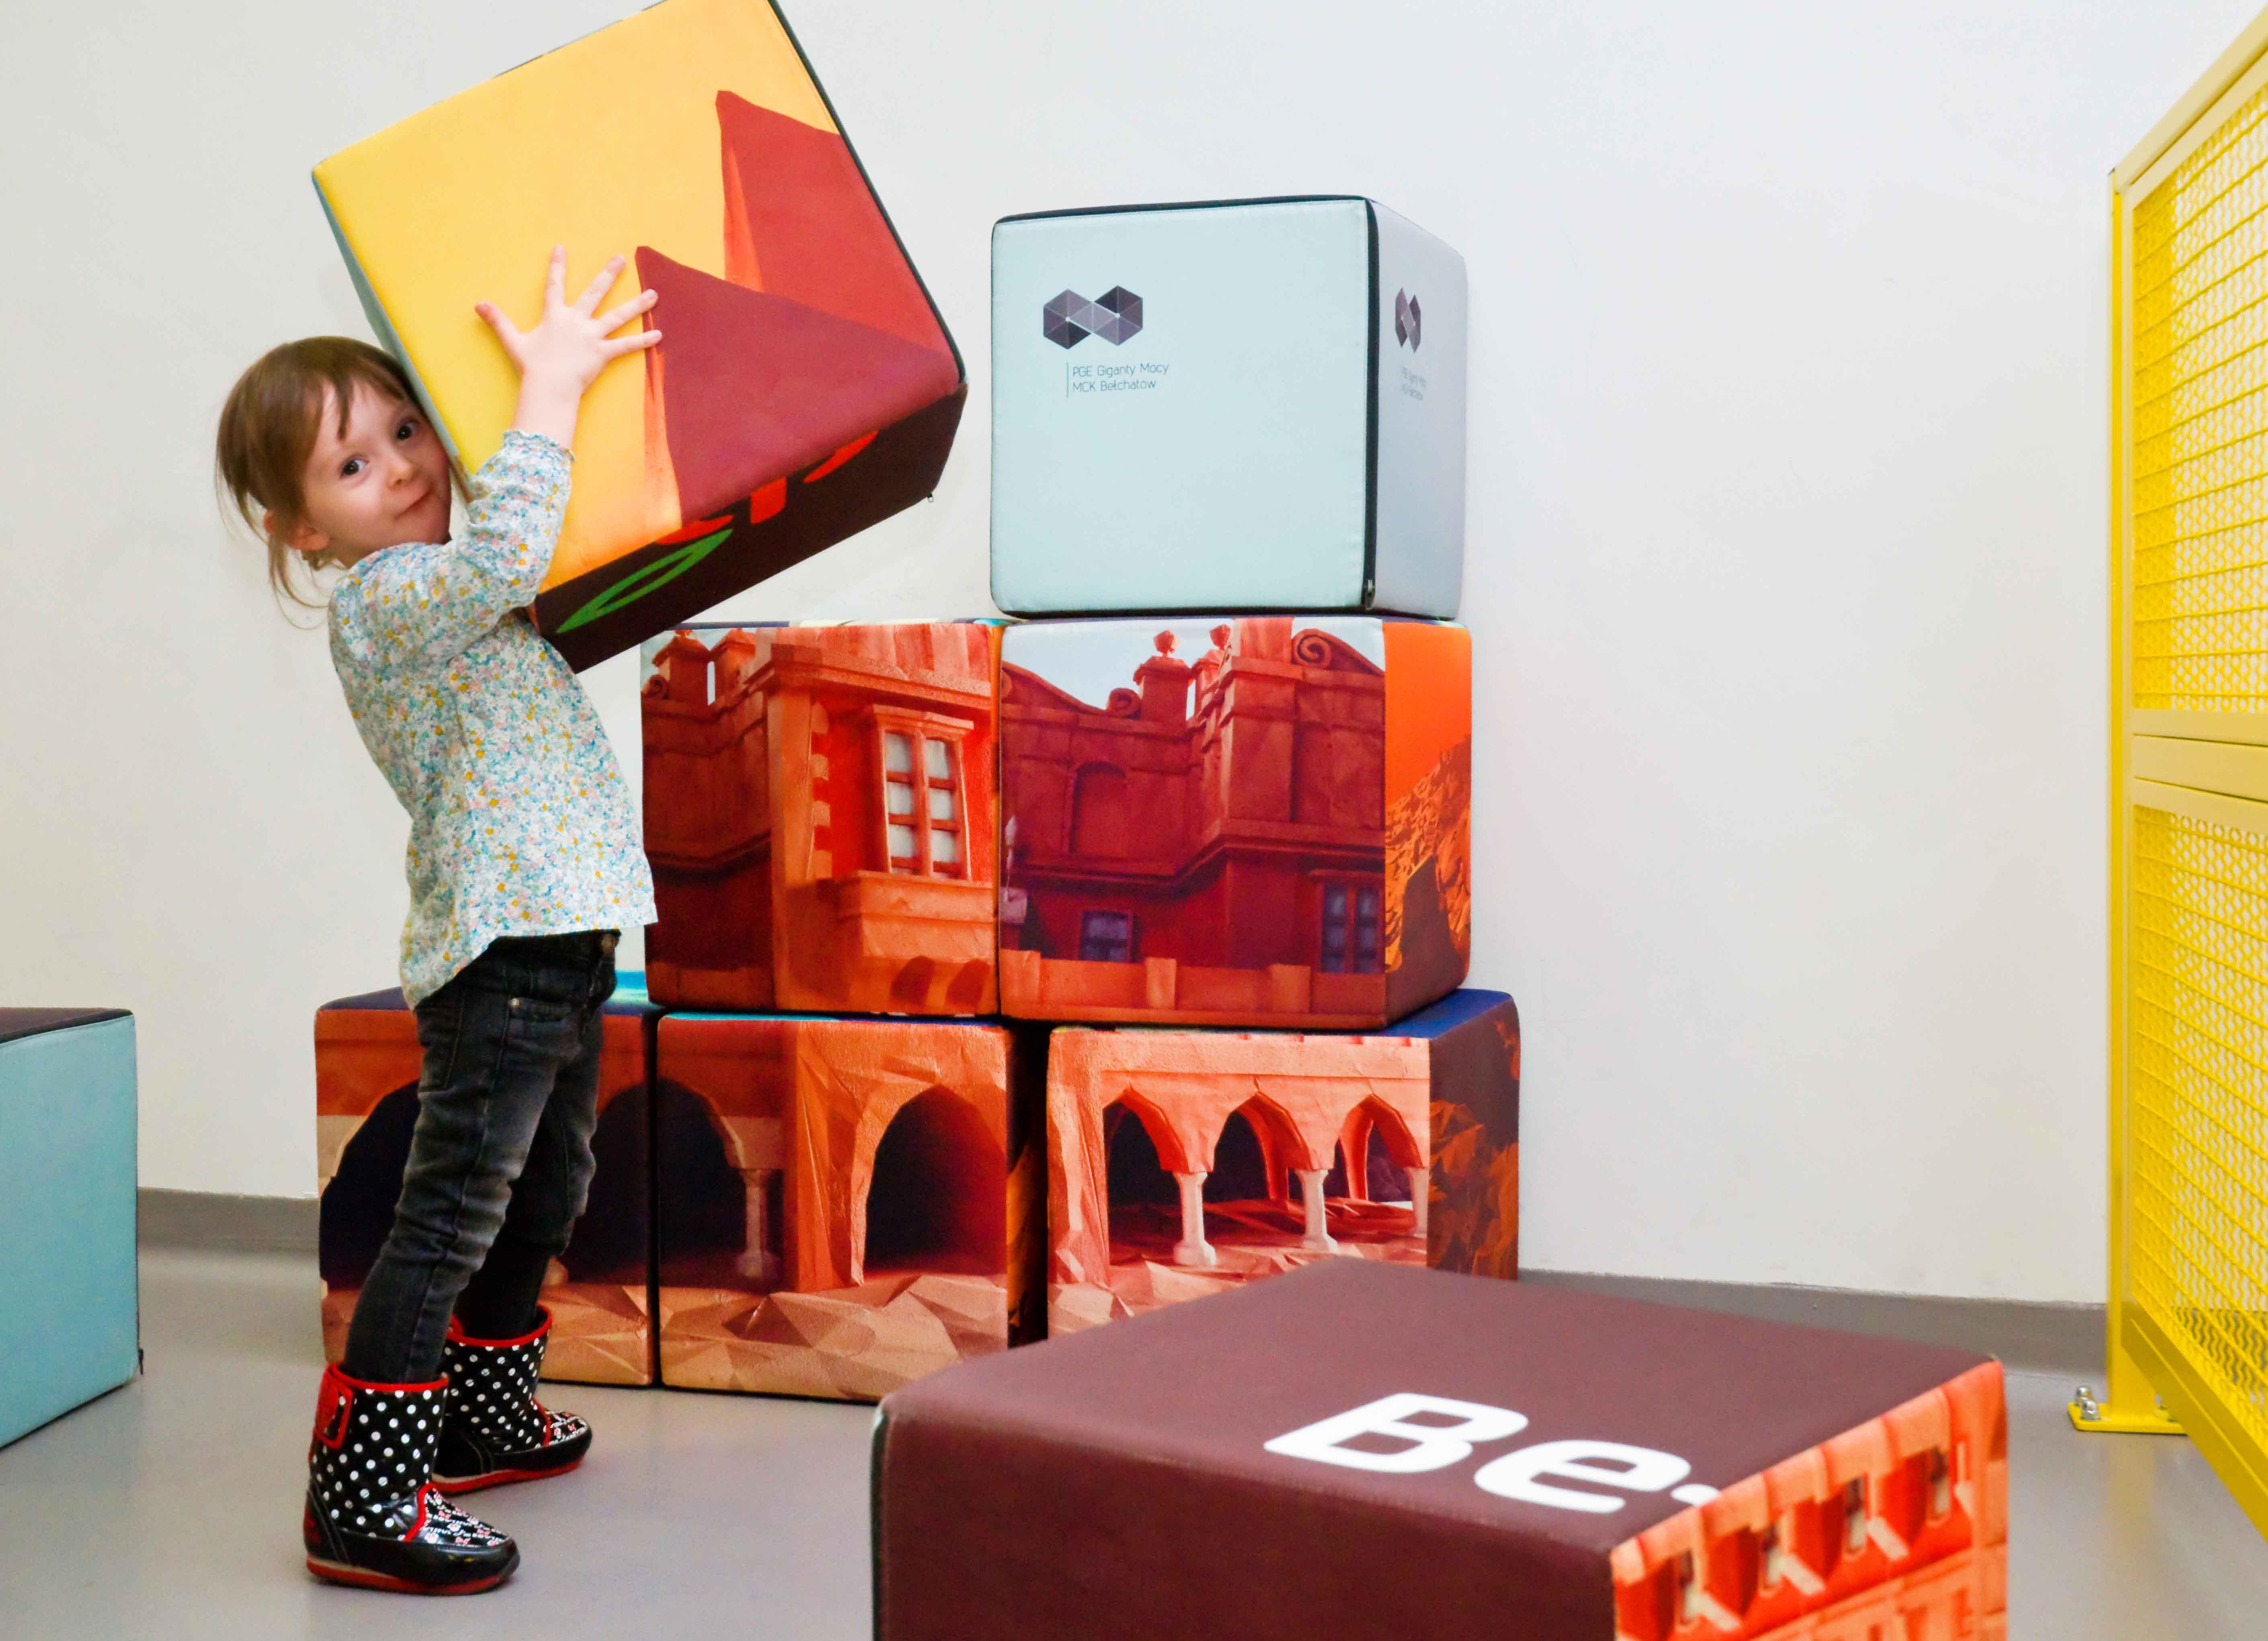 Muzeum pge giganty mocy   atrakcje dla rodzin z dziecmi  22